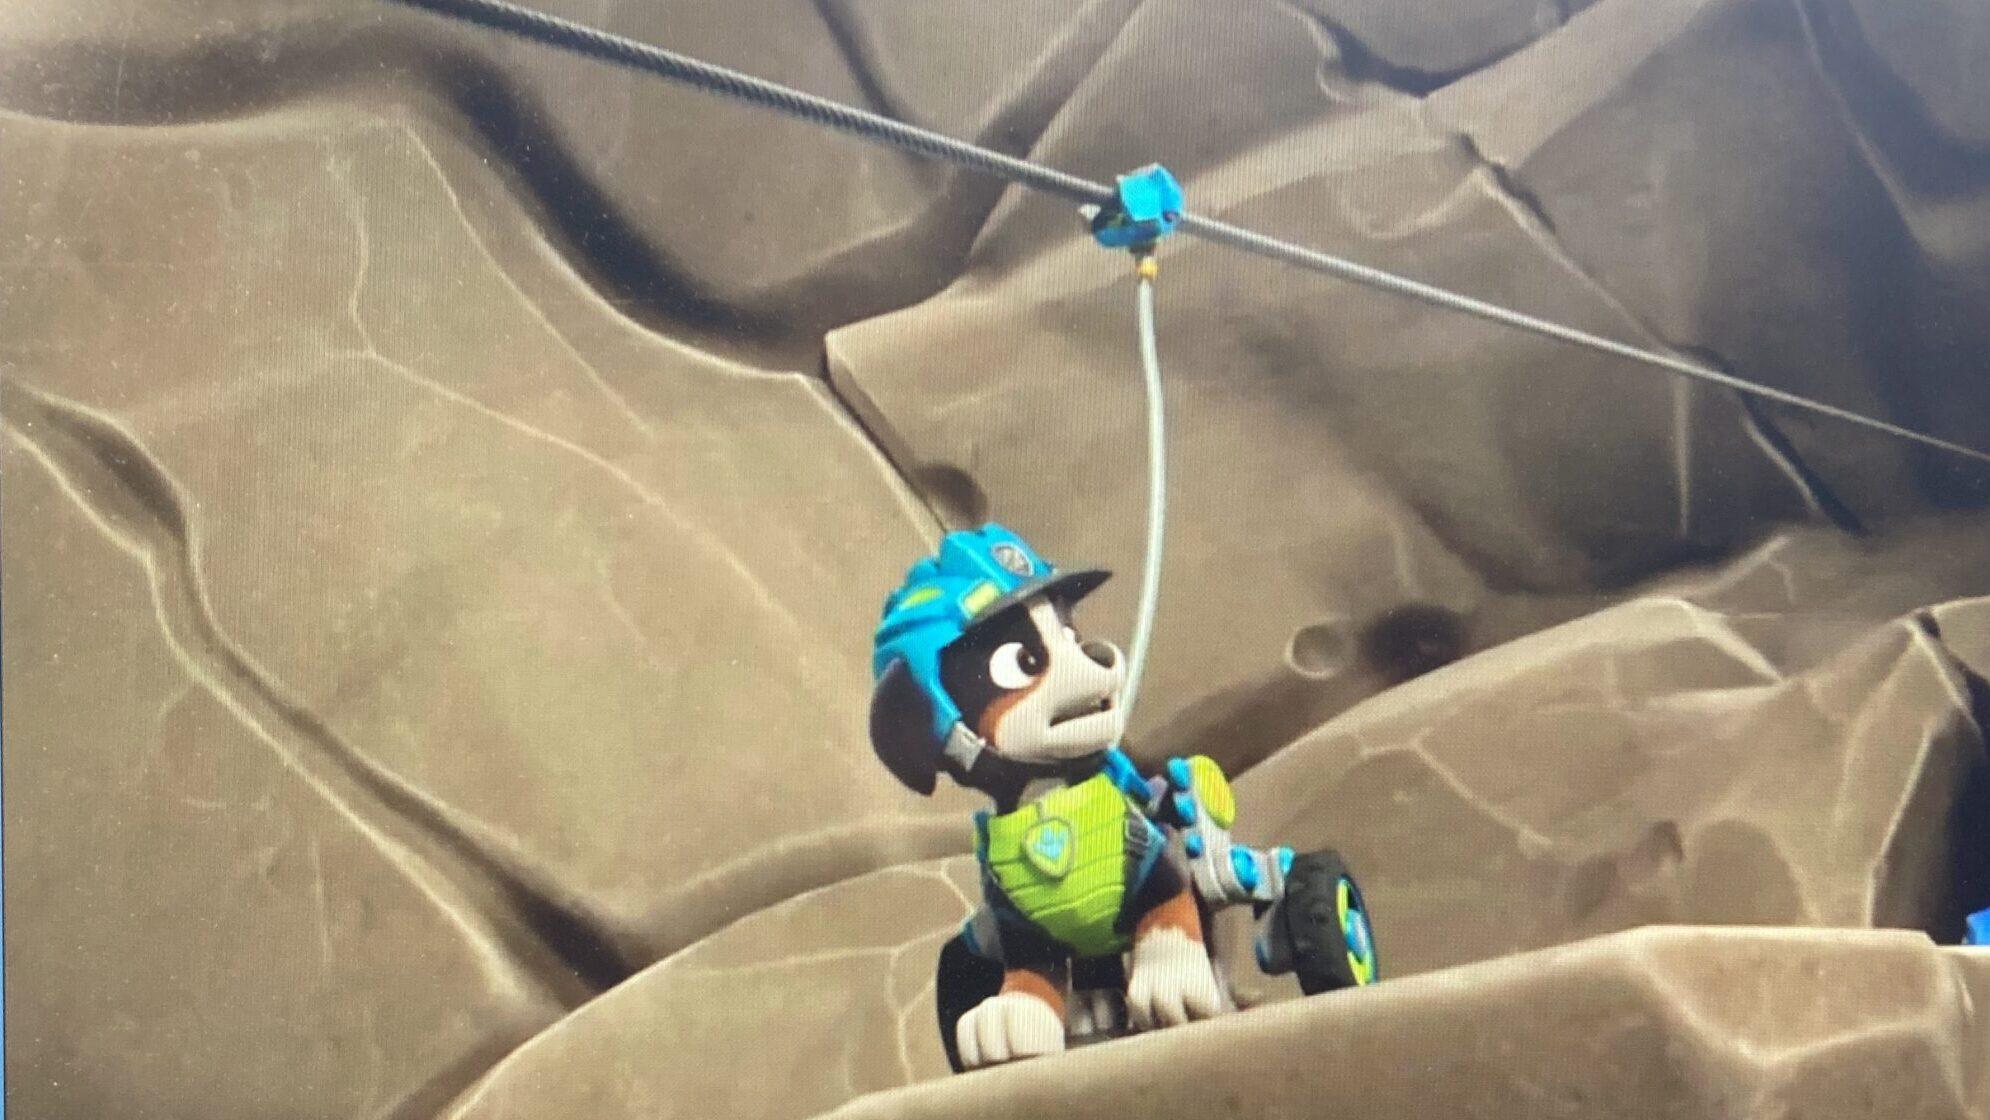 【パウパトロール】レックスは将来の新キャラなのか!?いつから?おもちゃは?犬種は?のイメージ画像4